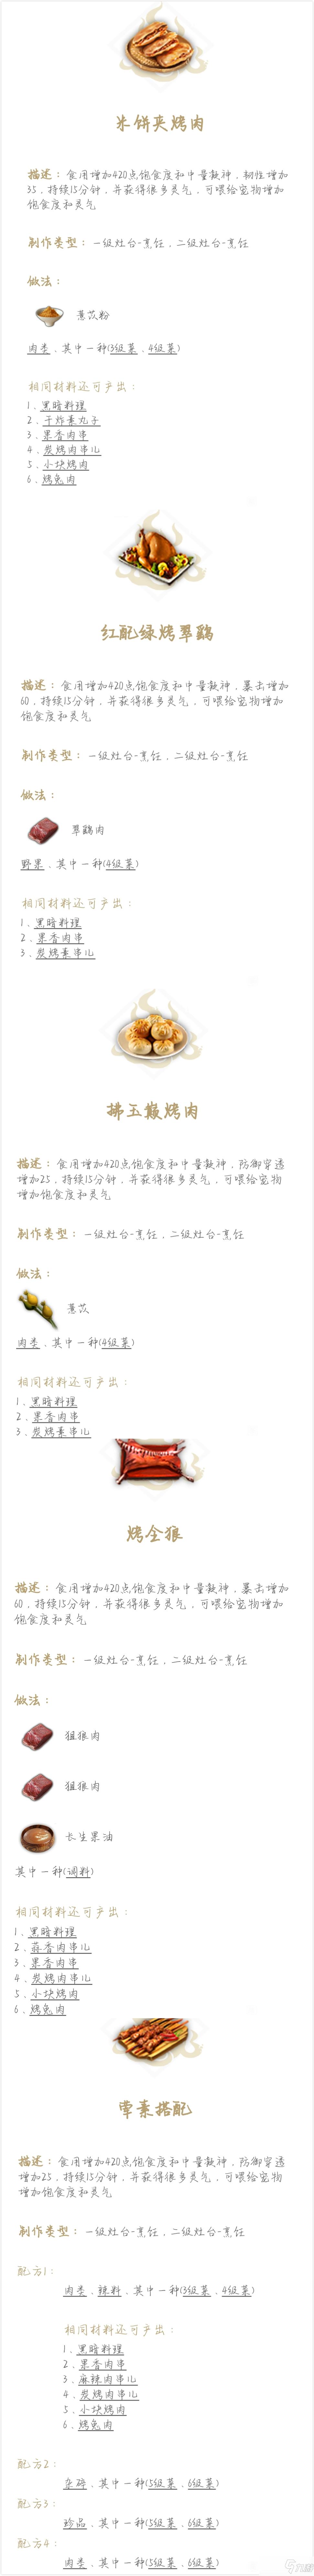 《妄想山海》凝神恢复食谱有哪些 凝神恢复食谱汇总一览